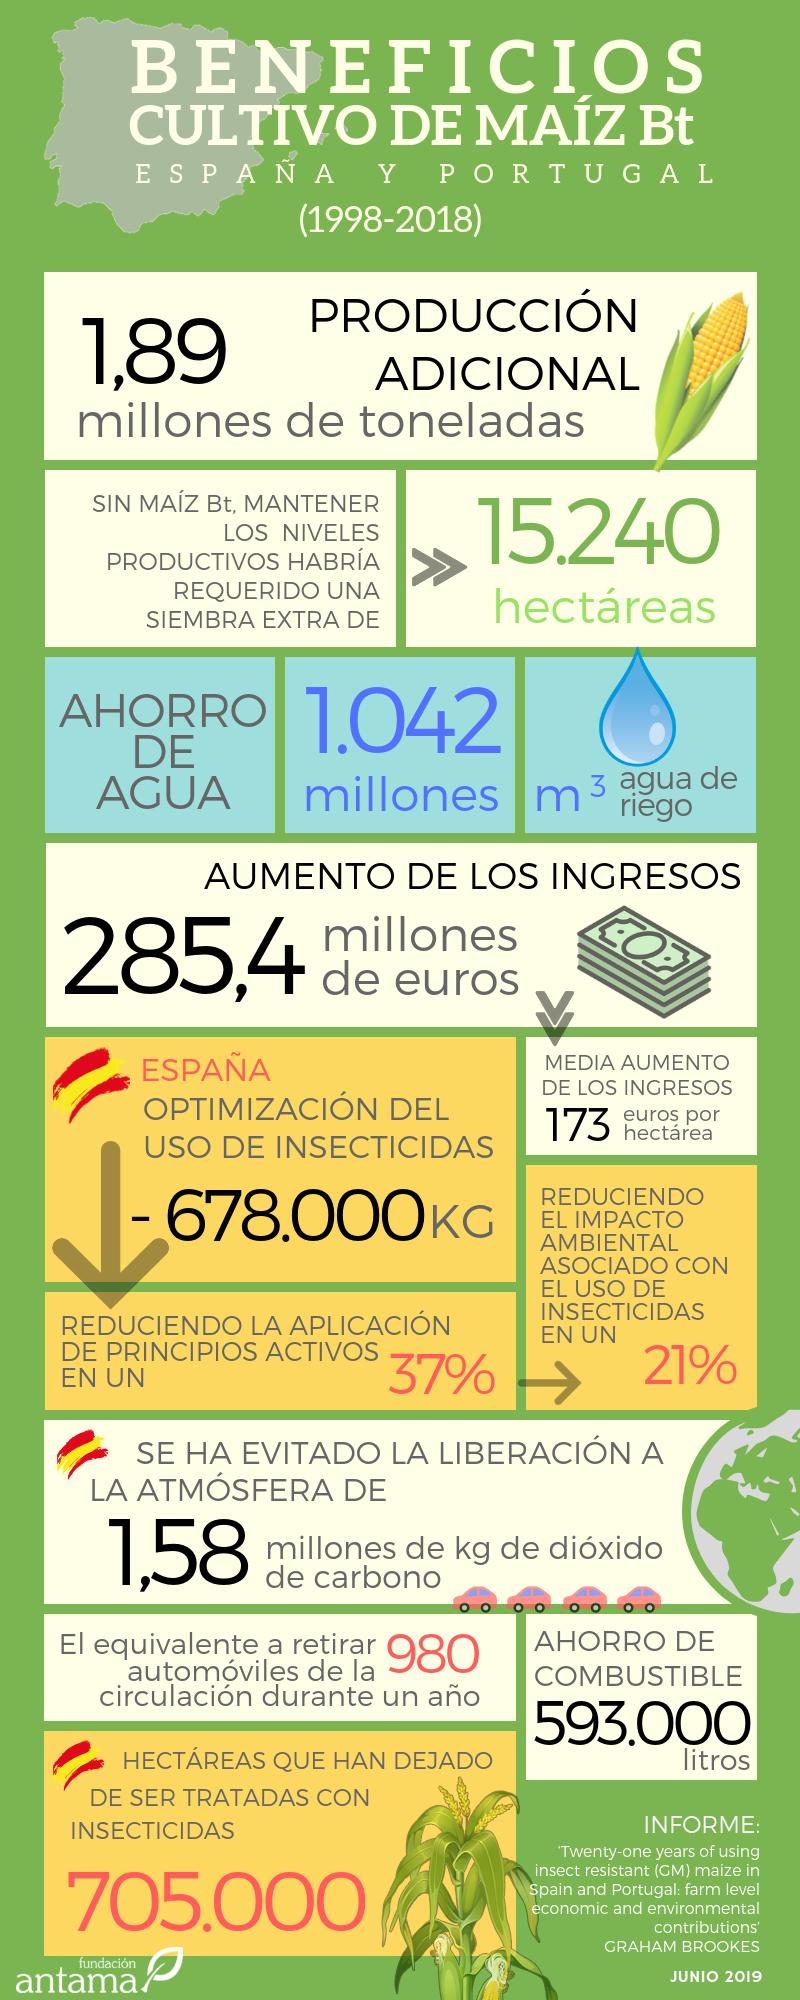 Beneficios del cultivo de maíz Bt en España y Portugal (1998-2018)